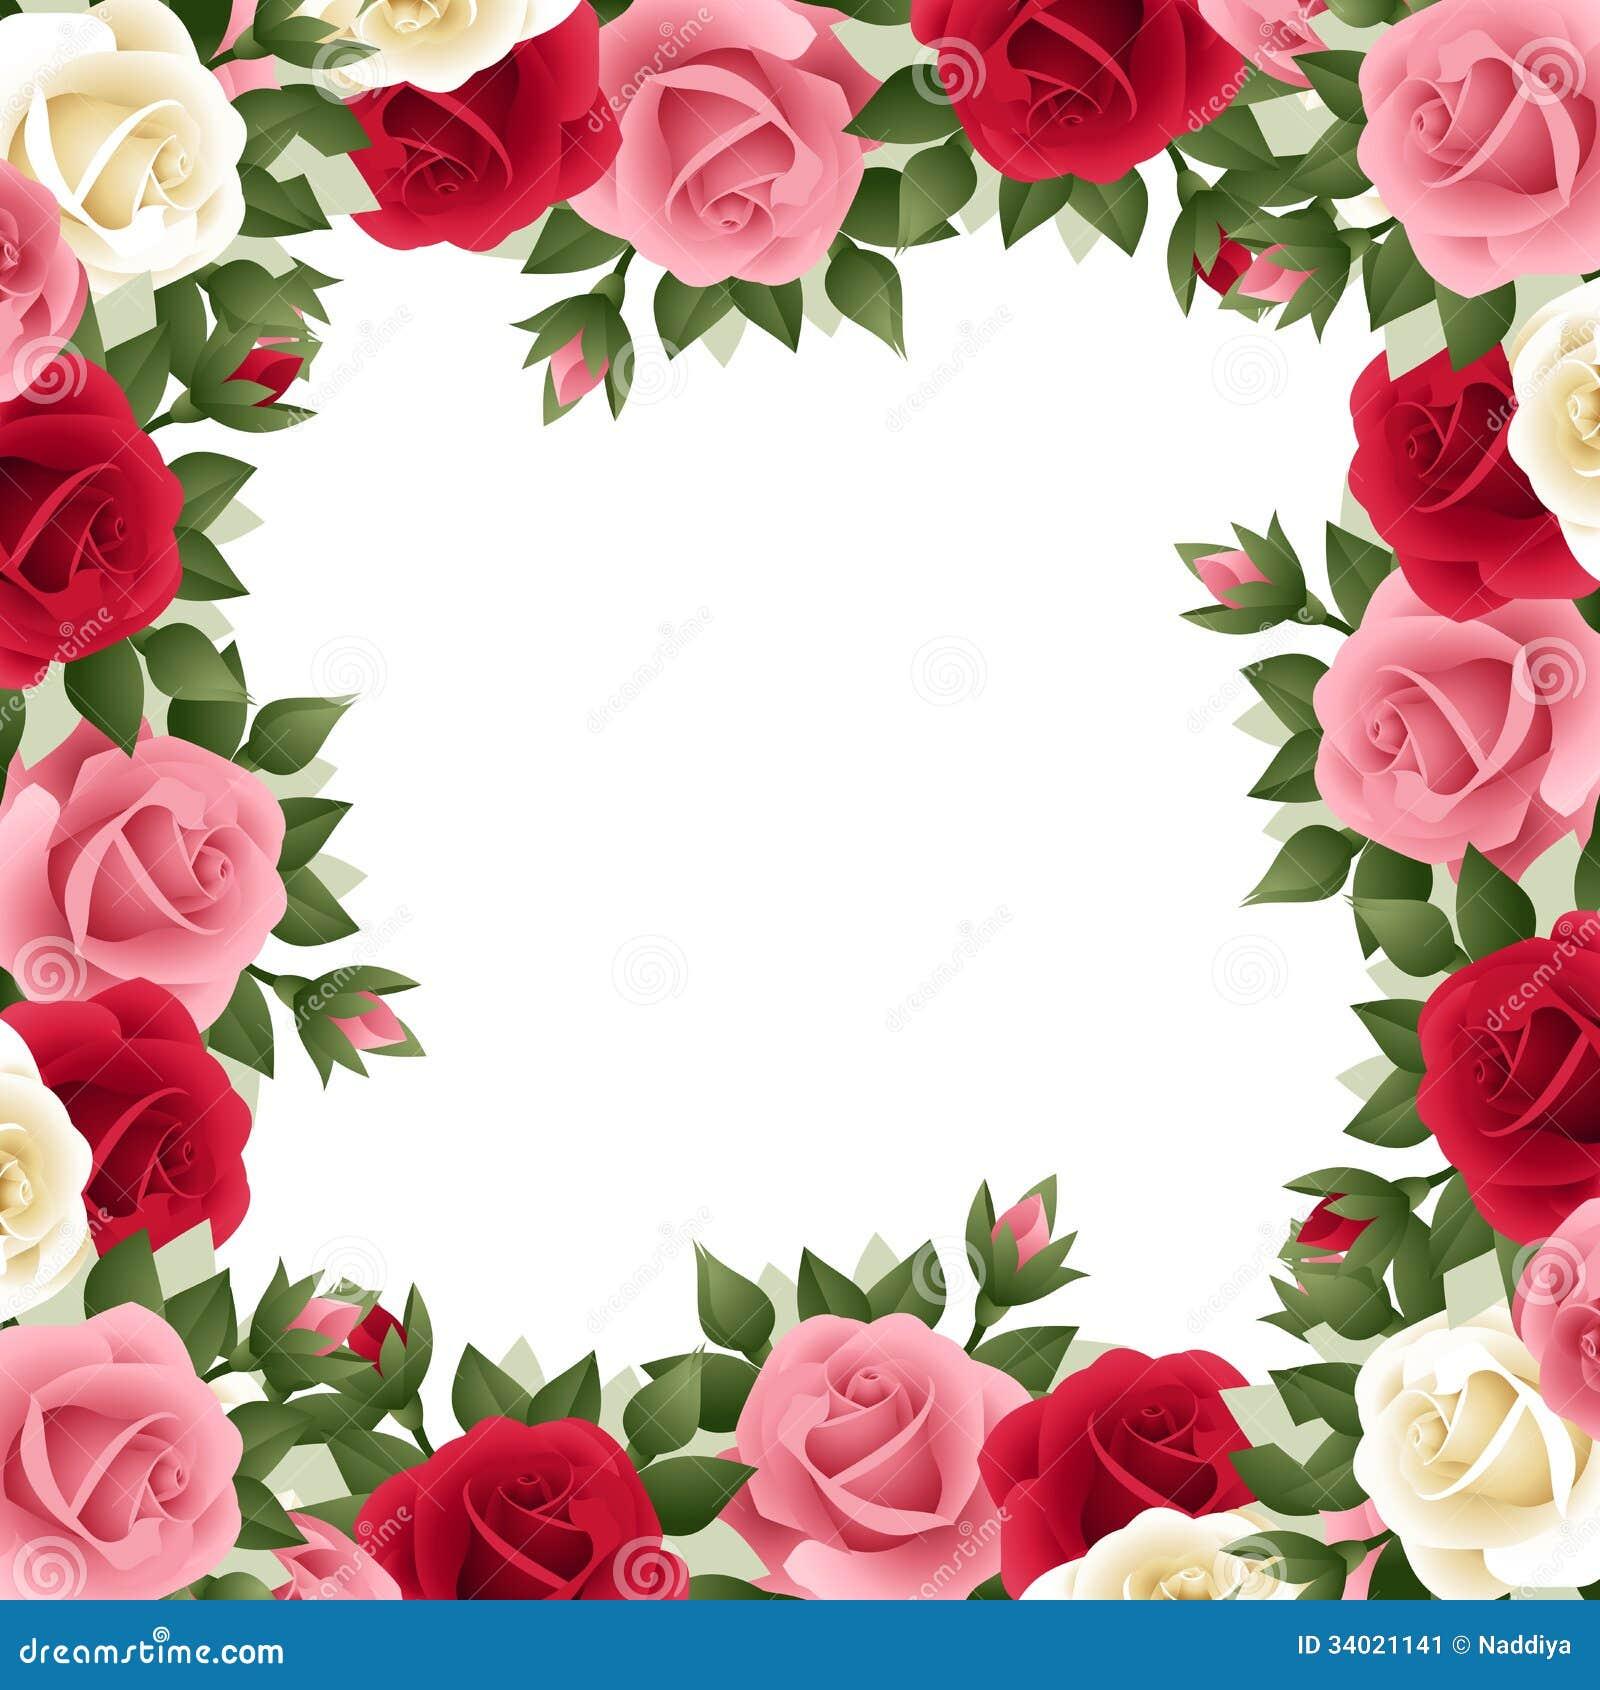 Ruby ruby corazones fotos 28